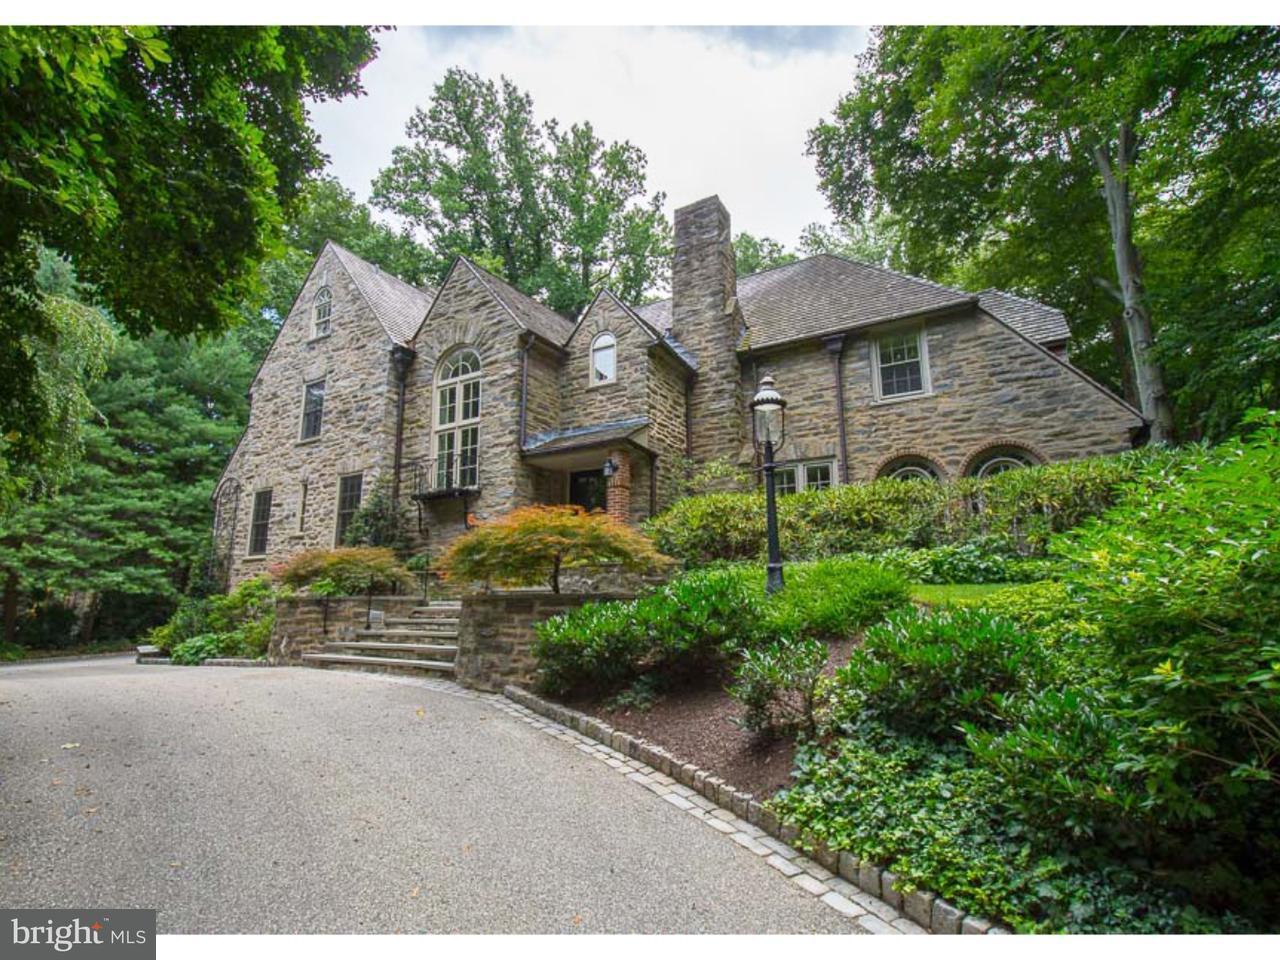 Частный односемейный дом для того Продажа на 334 LAUREL Lane Haverford, Пенсильвания 19041 Соединенные Штаты